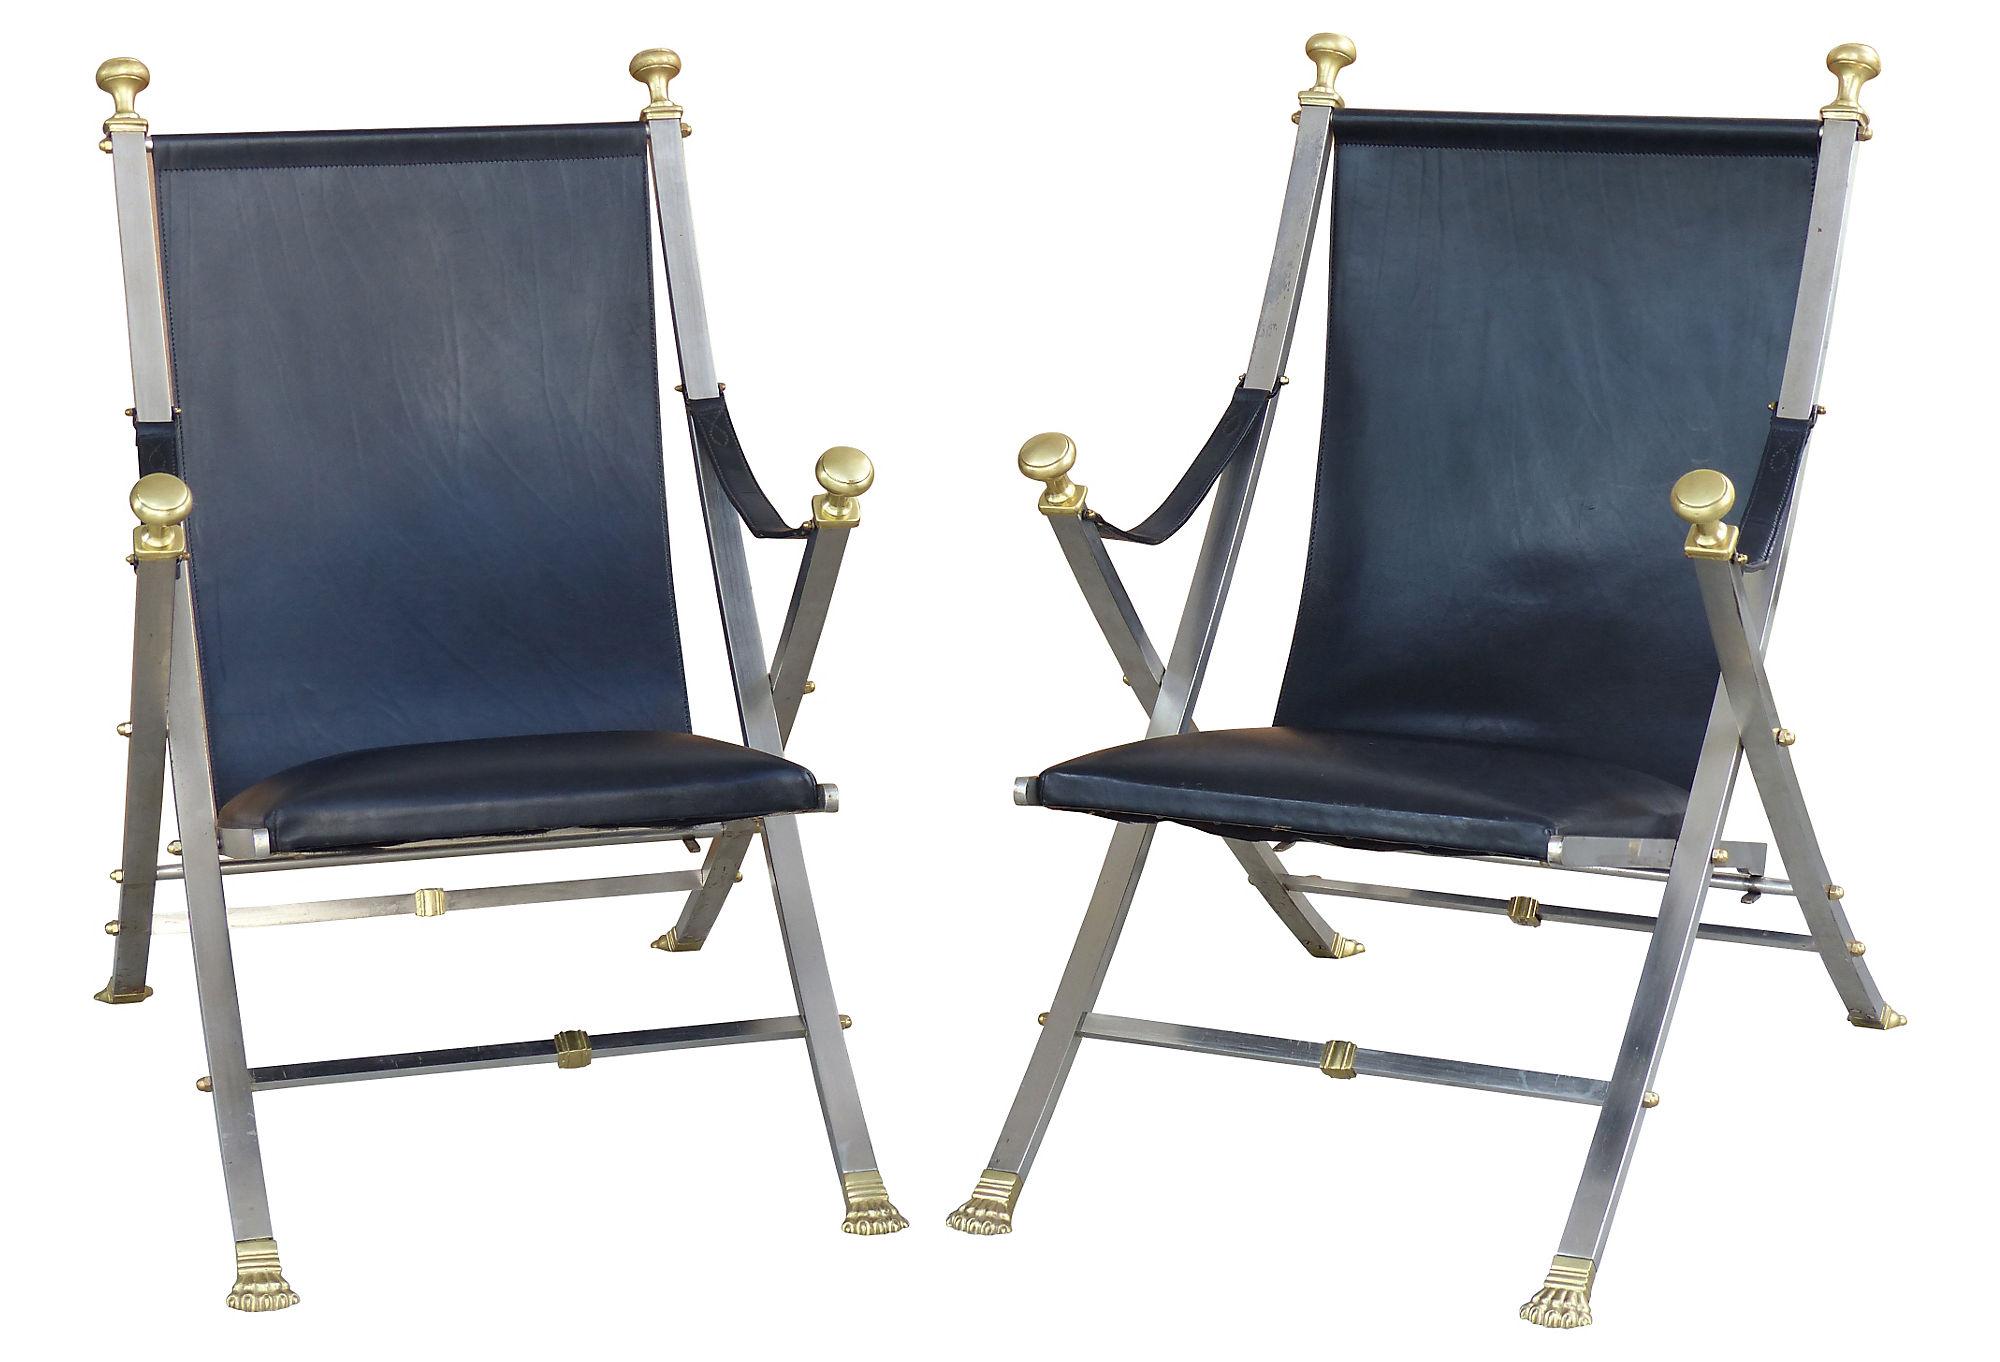 Maison Jansen Campaign Chairs